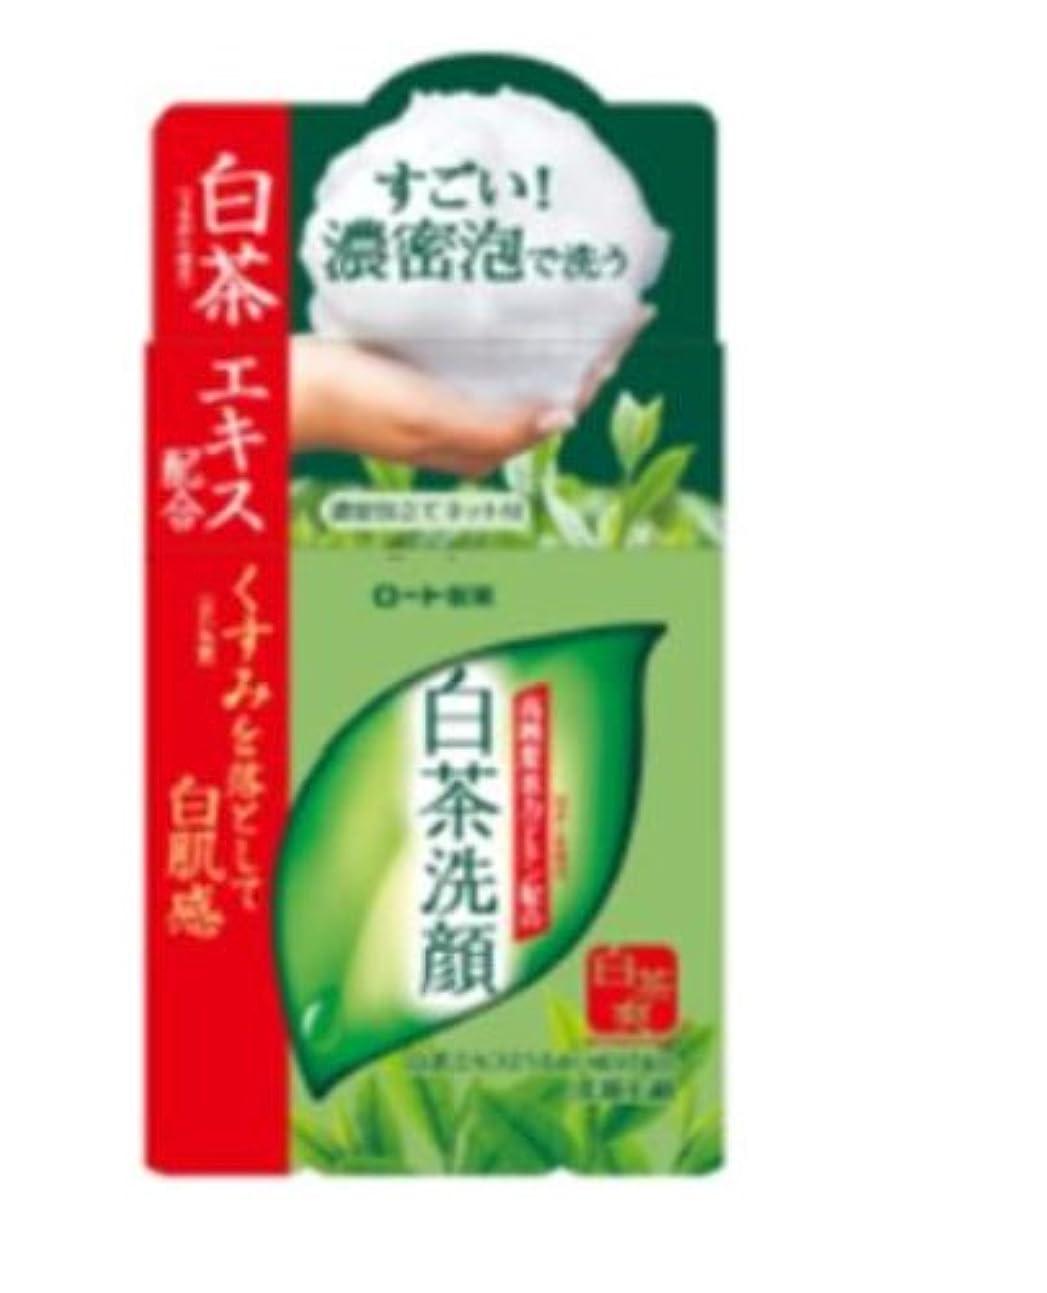 キネマティクスカストディアンいらいらさせるロート製薬 白茶爽 白茶洗顔石鹸 高純度茶カテキン配合 濃密泡立てネット付 85g